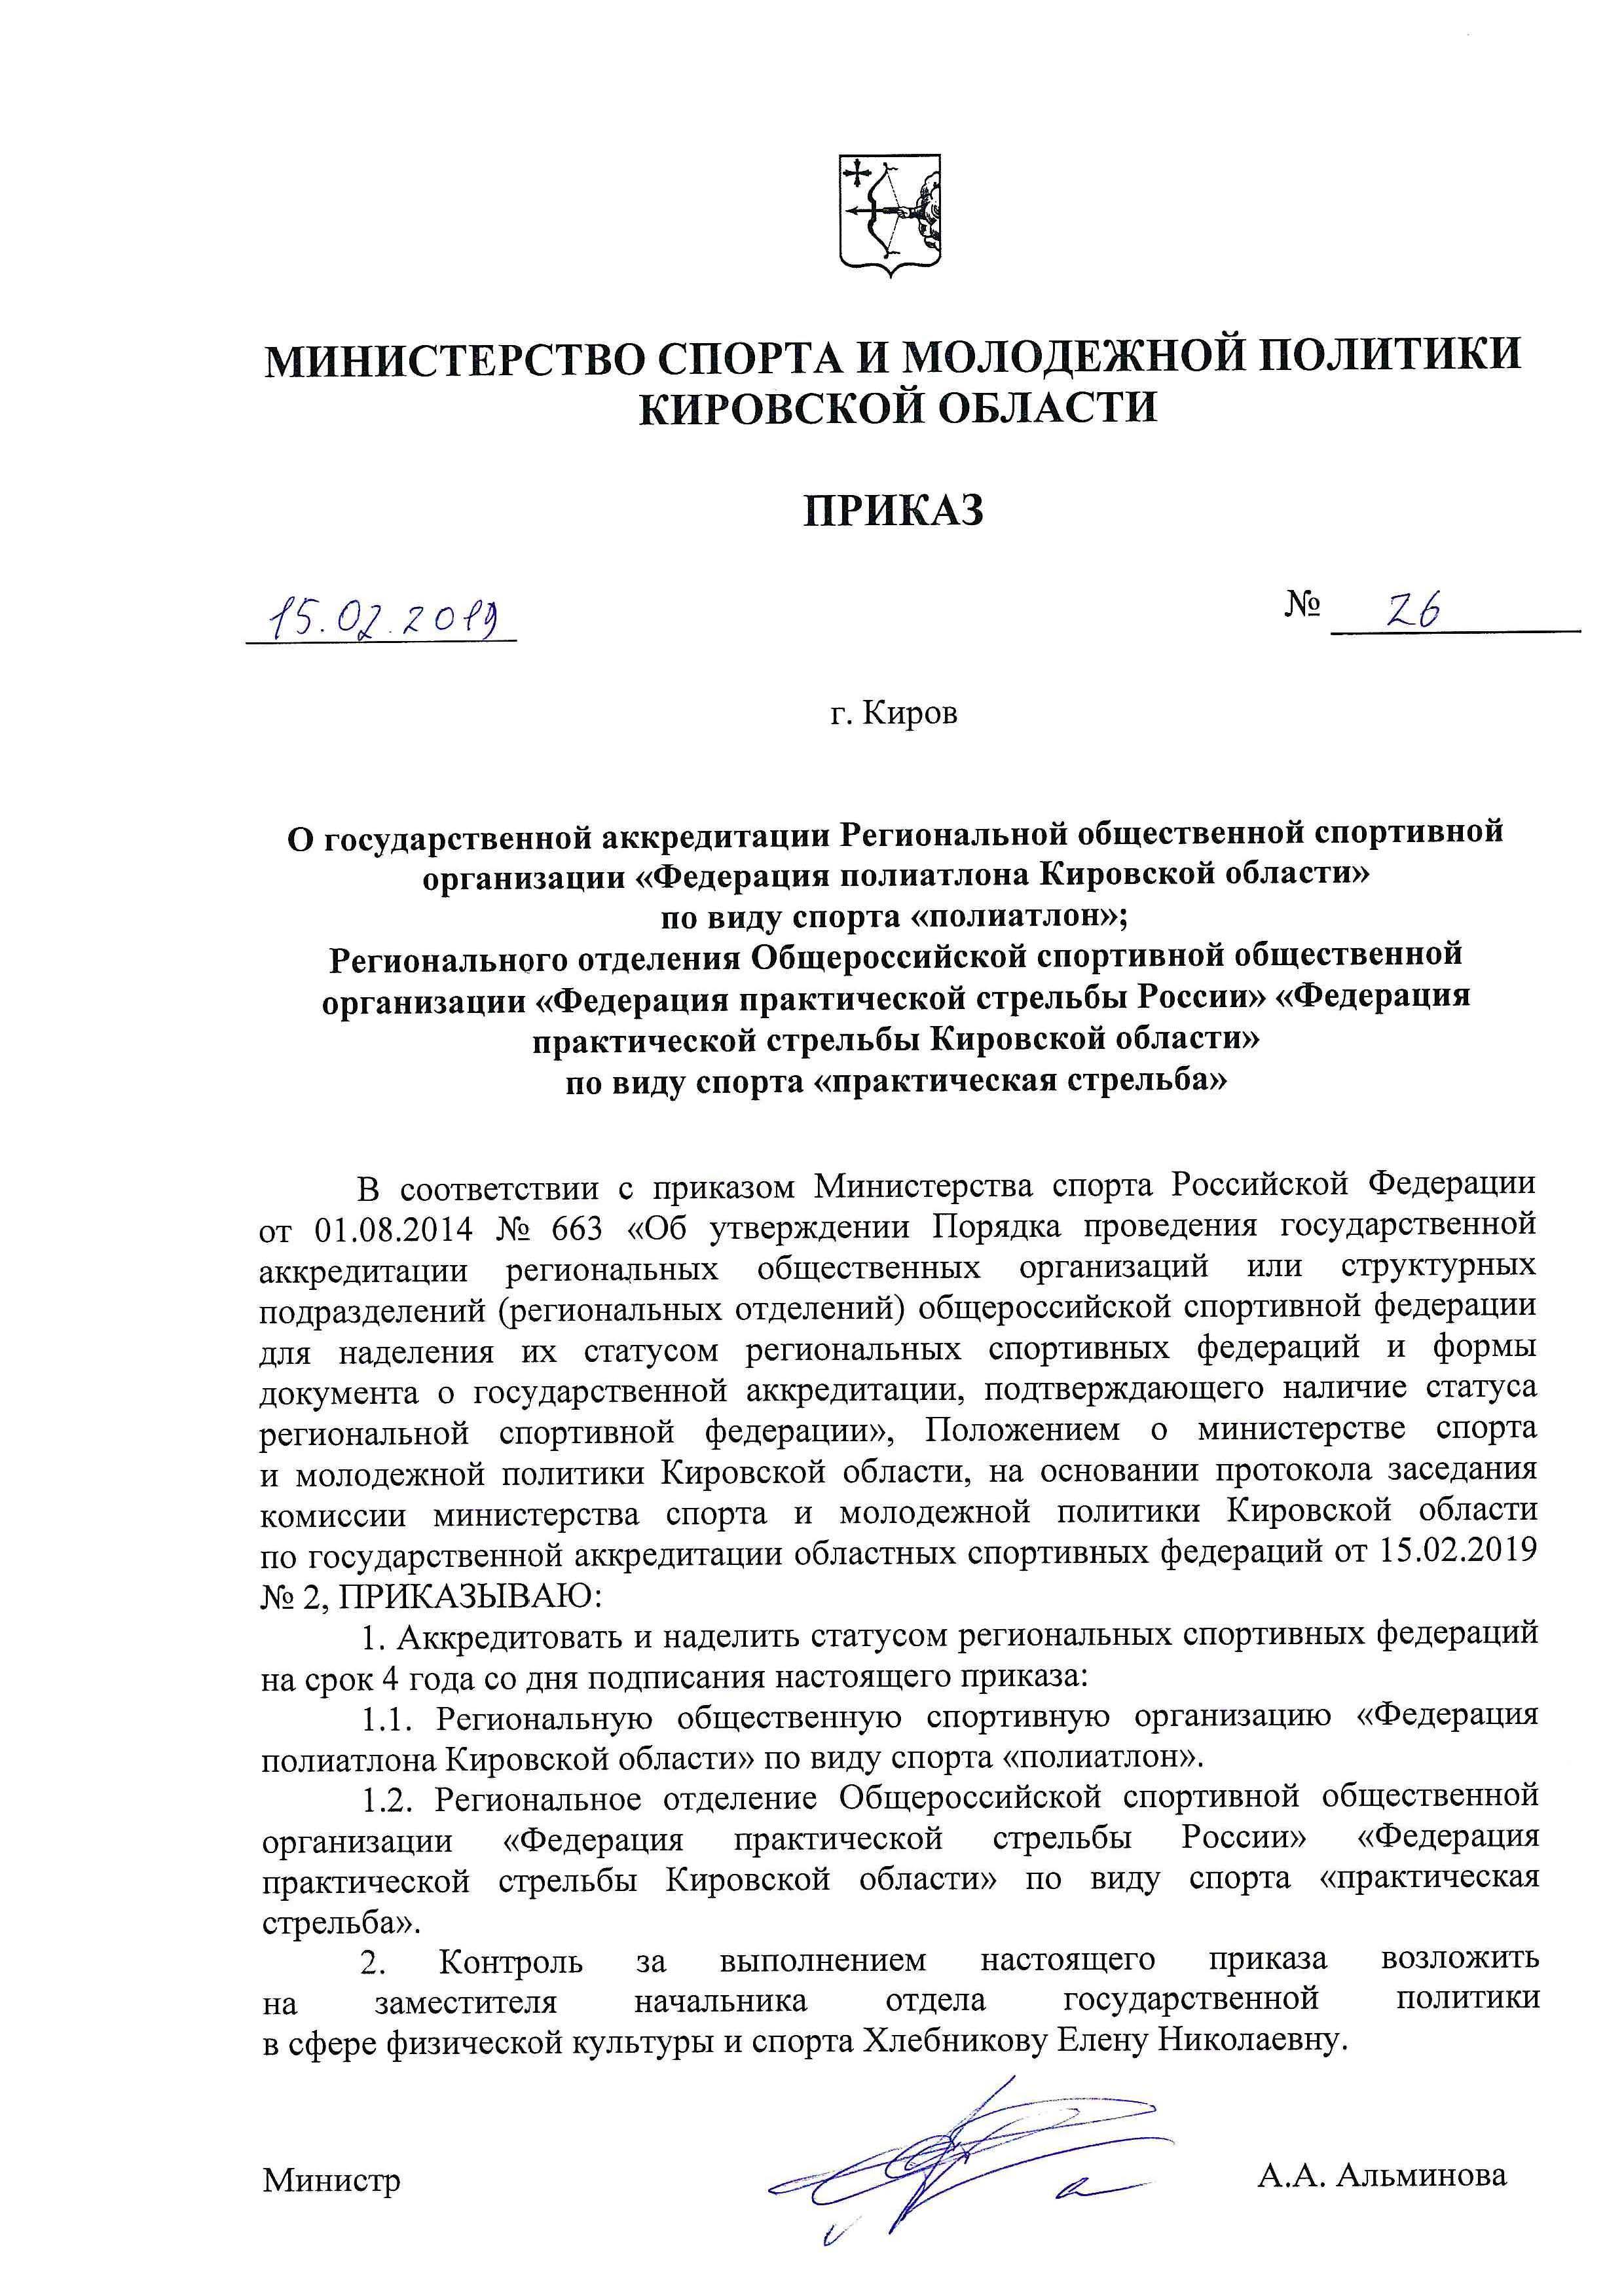 Федерация практической стрельбы Кировской области успешно прошла аккредитацию